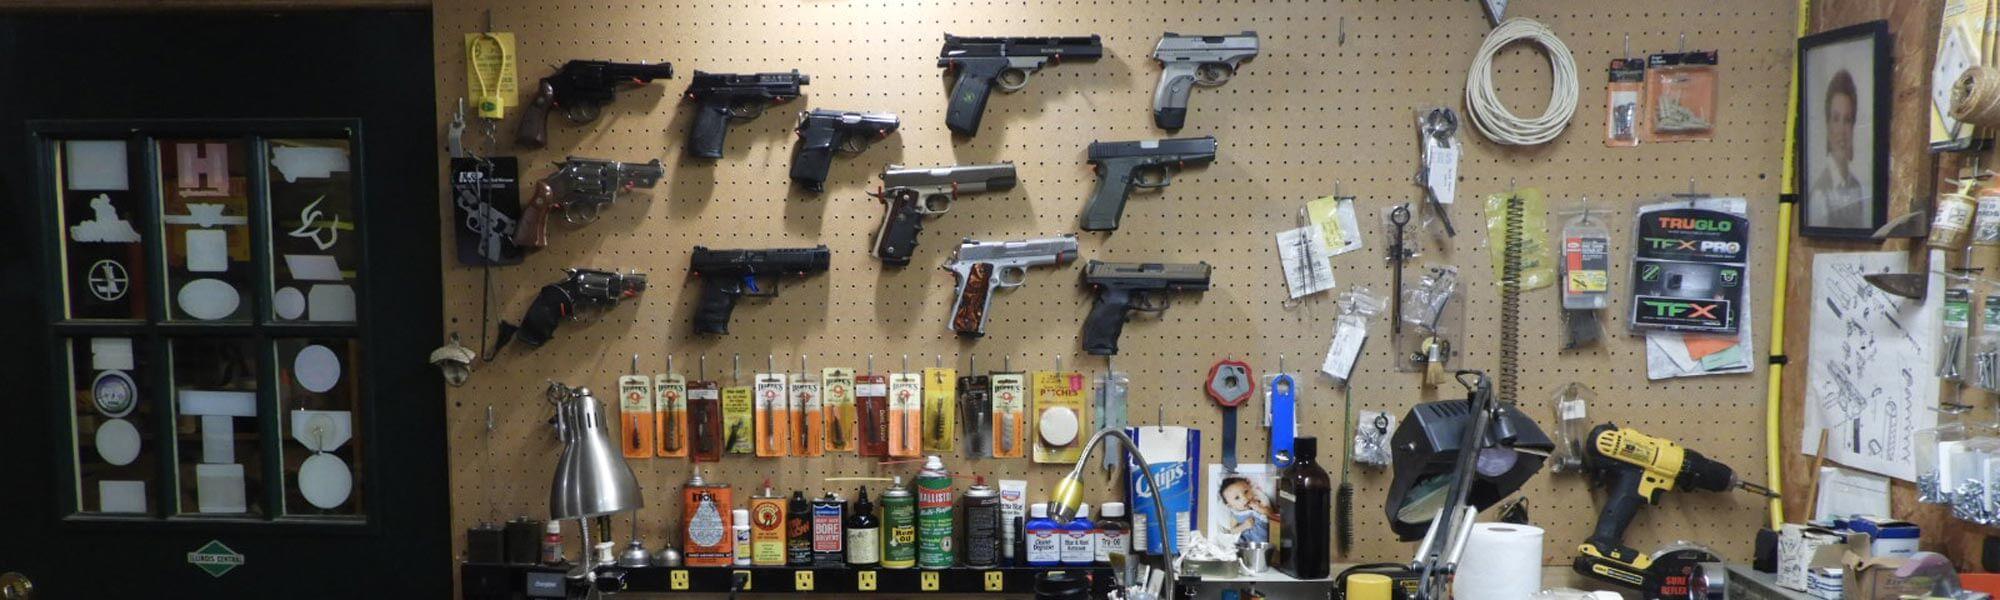 Pistol Wall